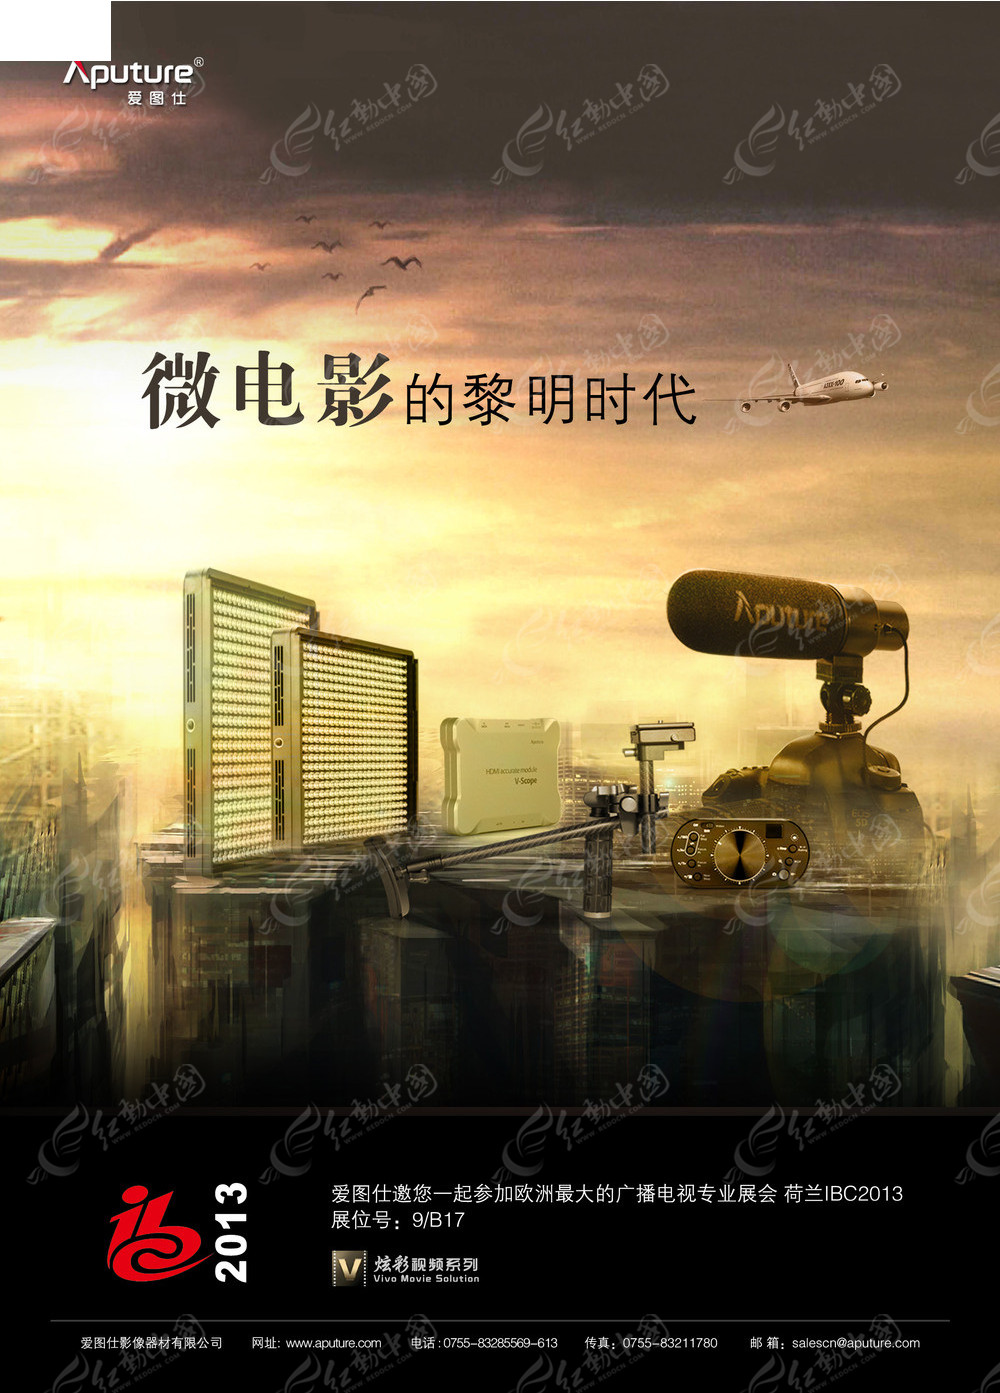 黎明2微电影宣传海报免费下载